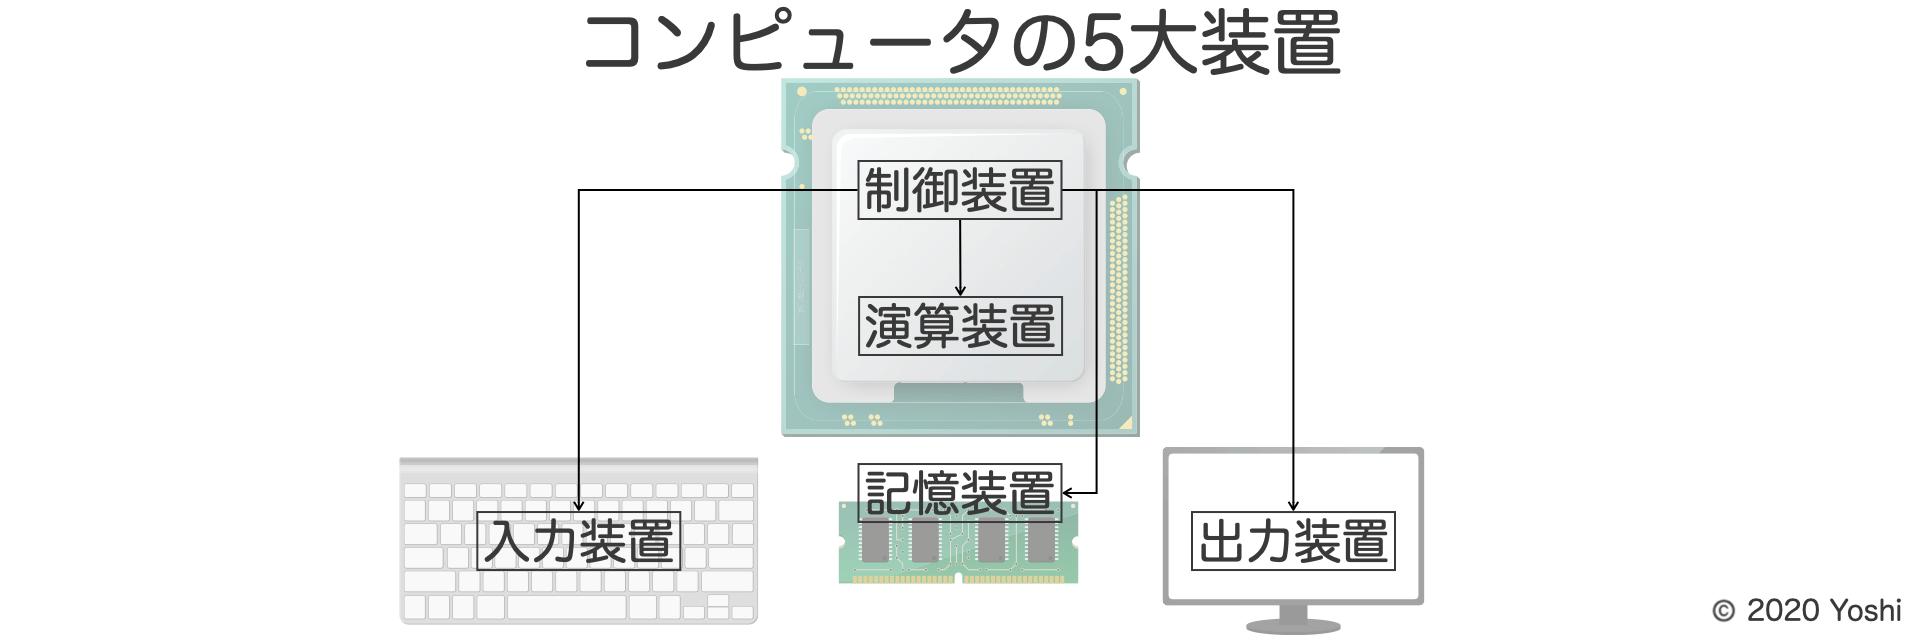 コンピュータの5大装置